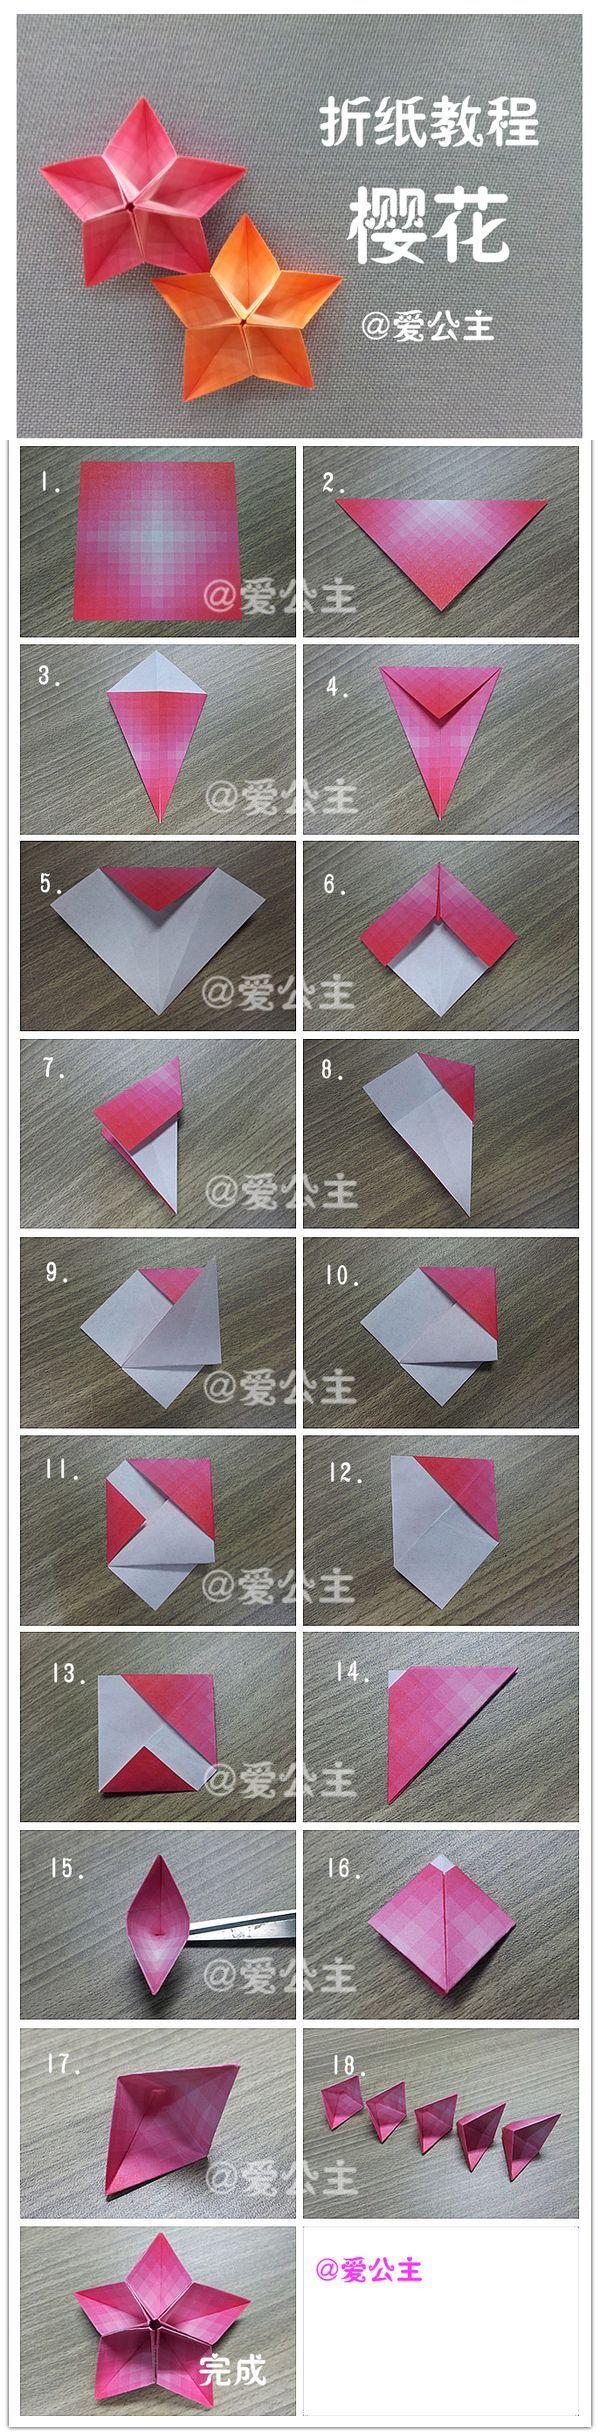 35aaa1803a77ddf6c4ad45c595c15c86g 6002436 Pixels Paper Crafts